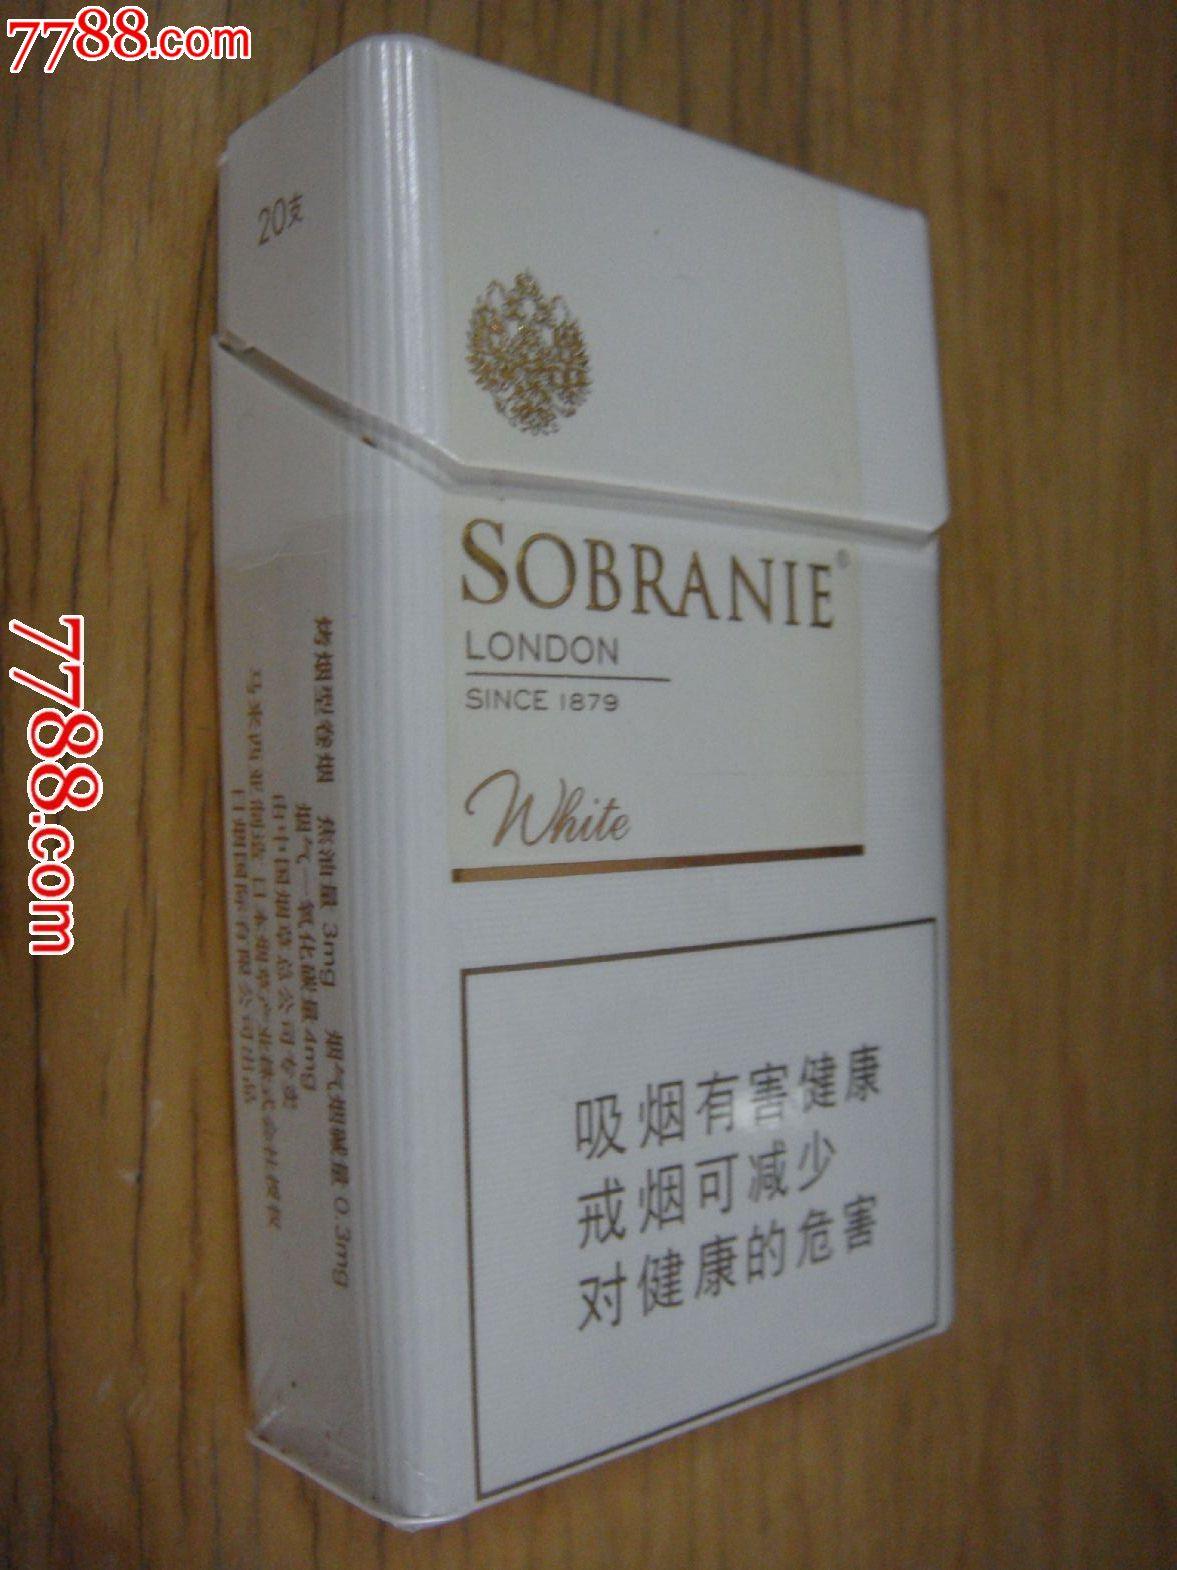 日本授权 马来西亚制造 日烟出品 中国专卖